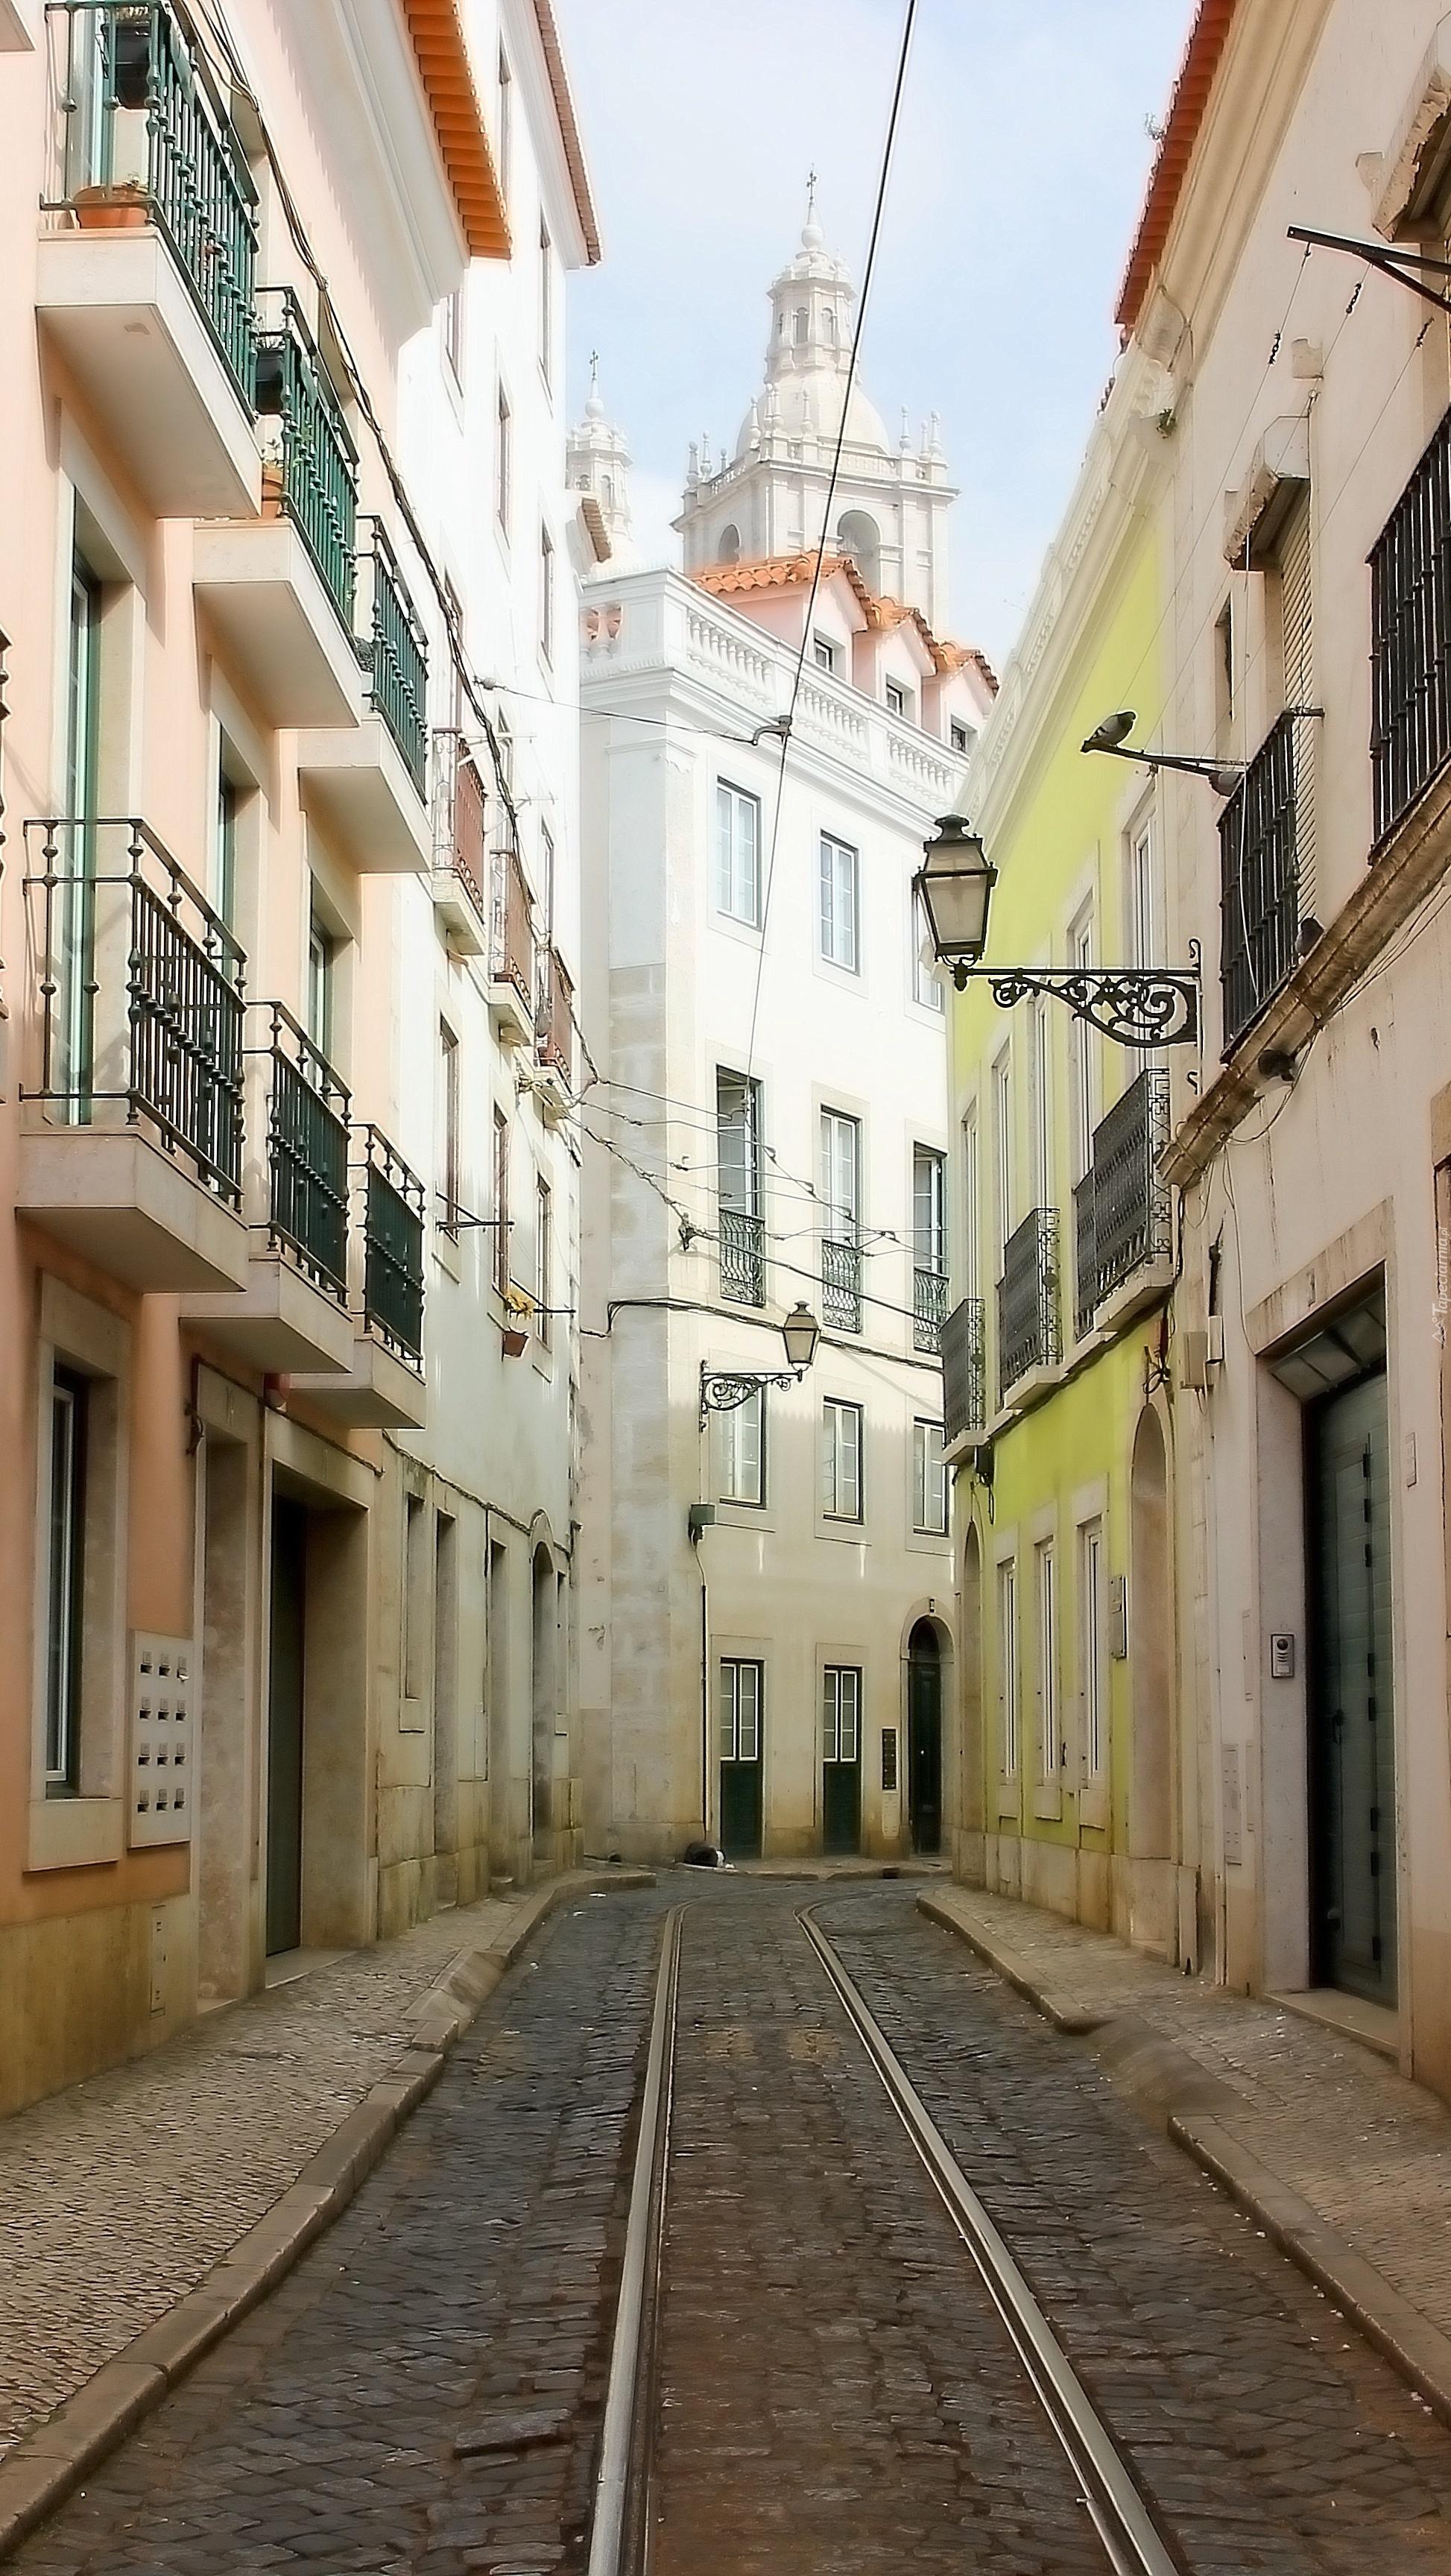 Lizbońska wąska uliczka